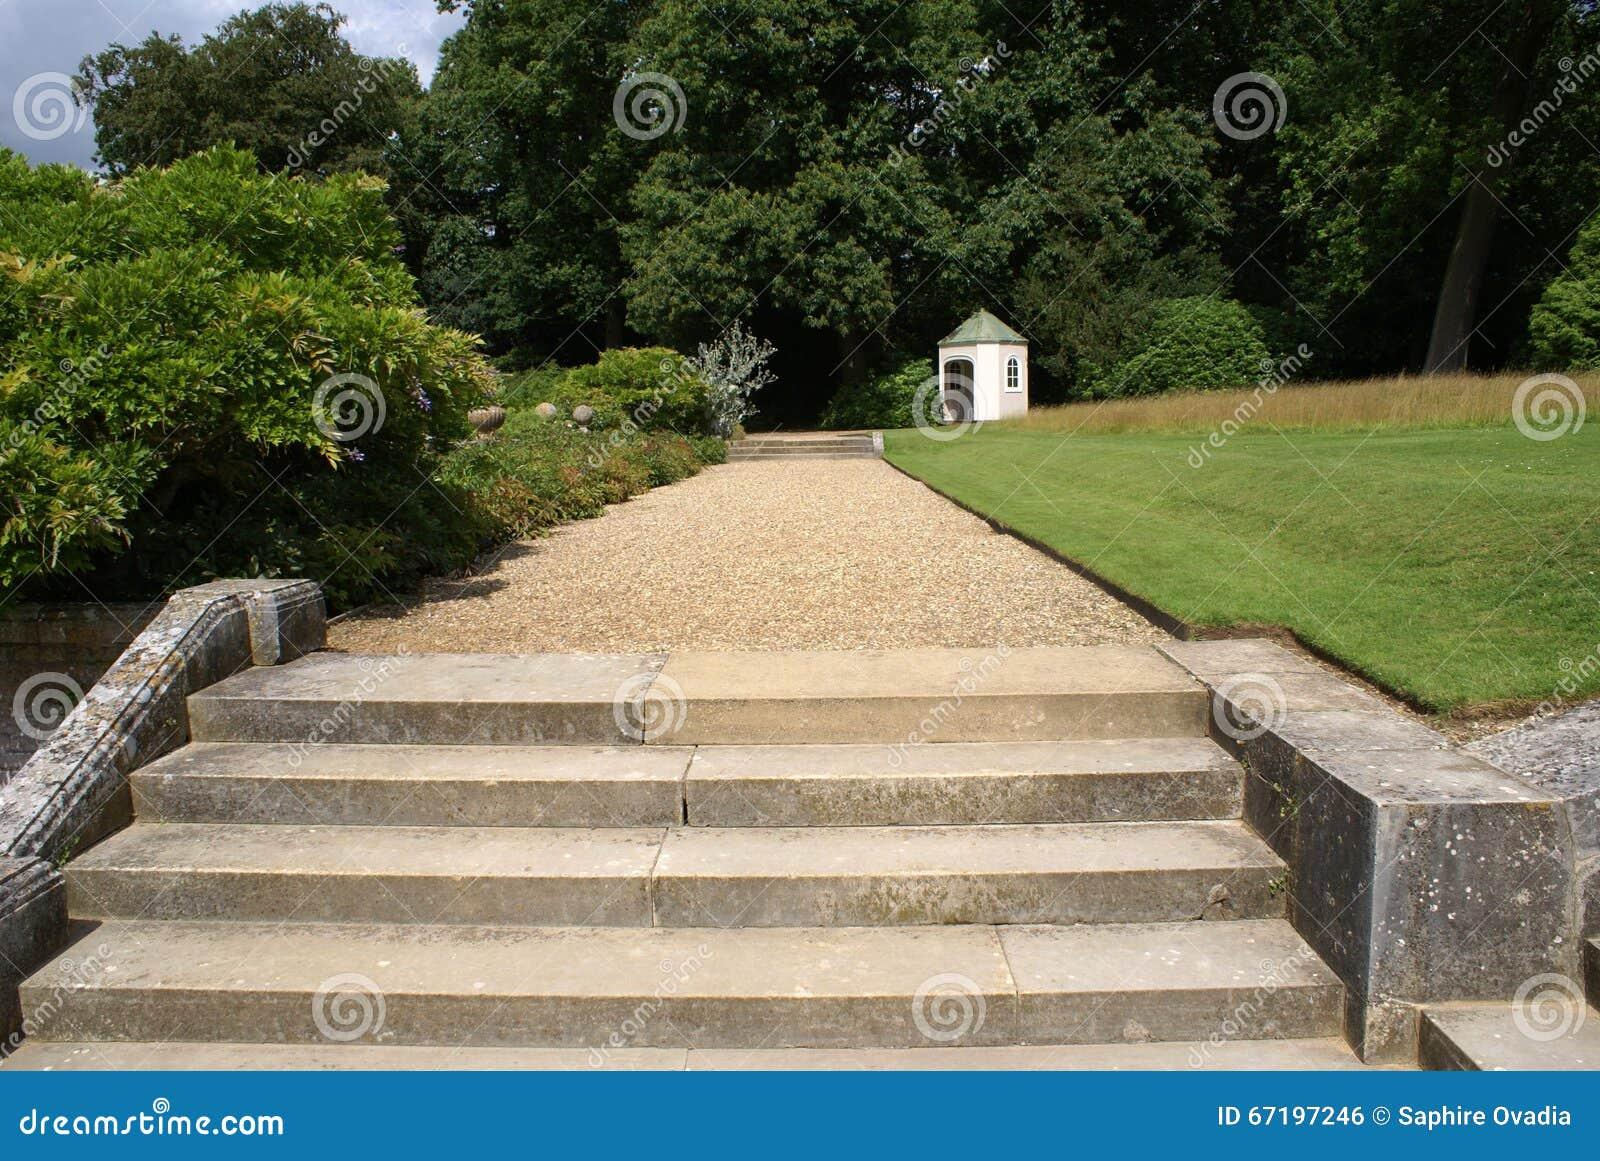 Étapes de jardin photo stock. Image du path, gravier - 67197246